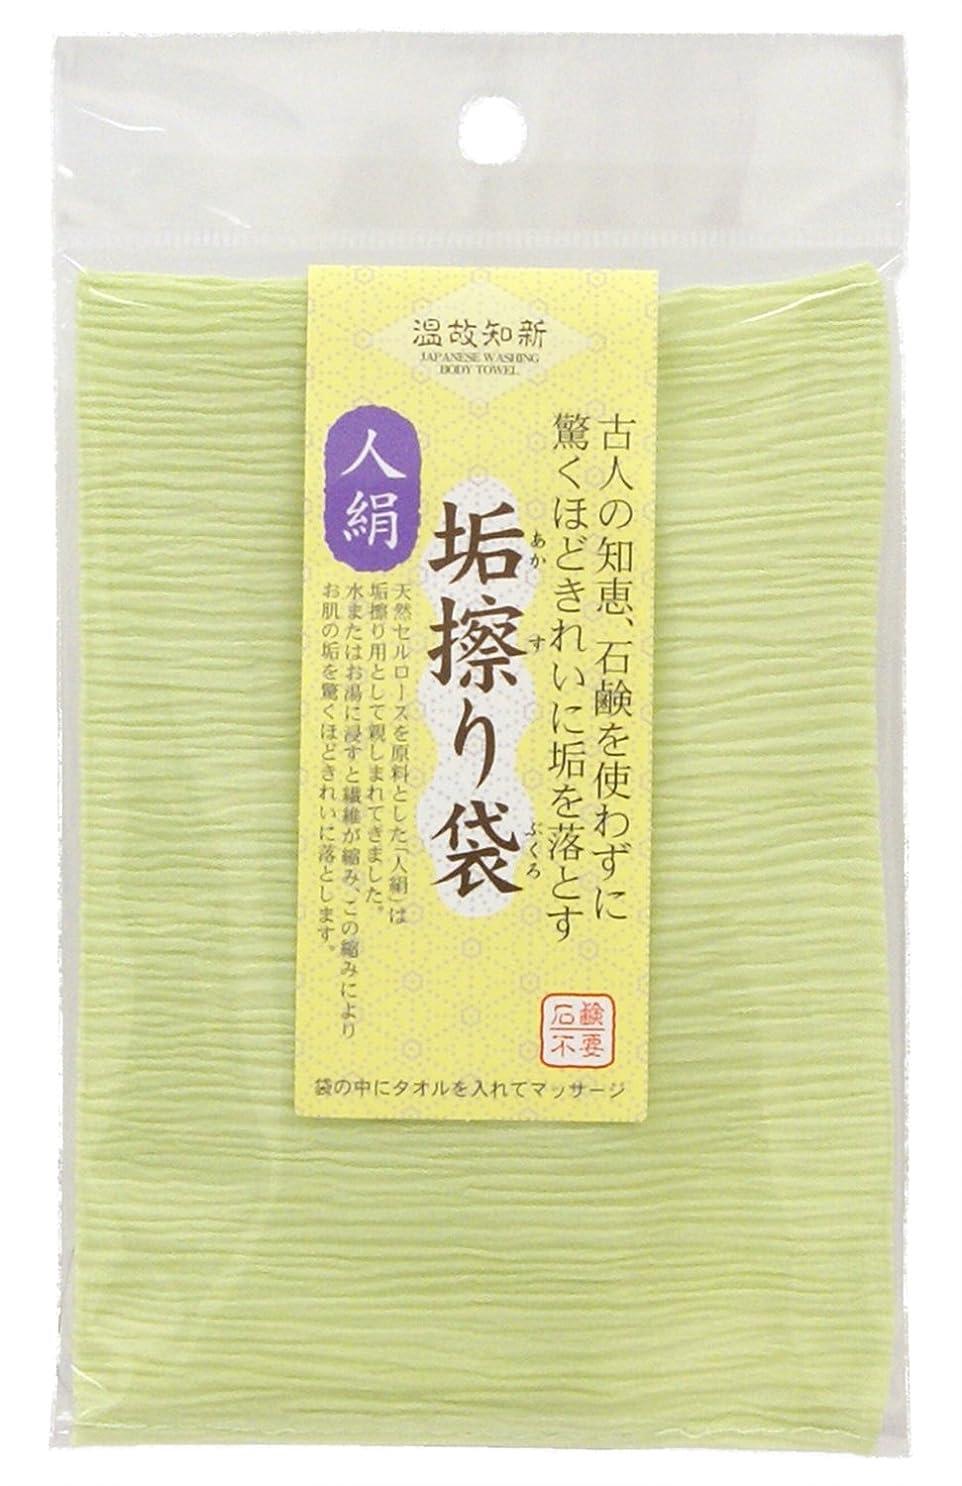 ジャンクション暗くする虹くーる&ほっと 昔ながらのレーヨン袋あかすり 5枚組 日本製(群馬県で製造) 細い縞柄